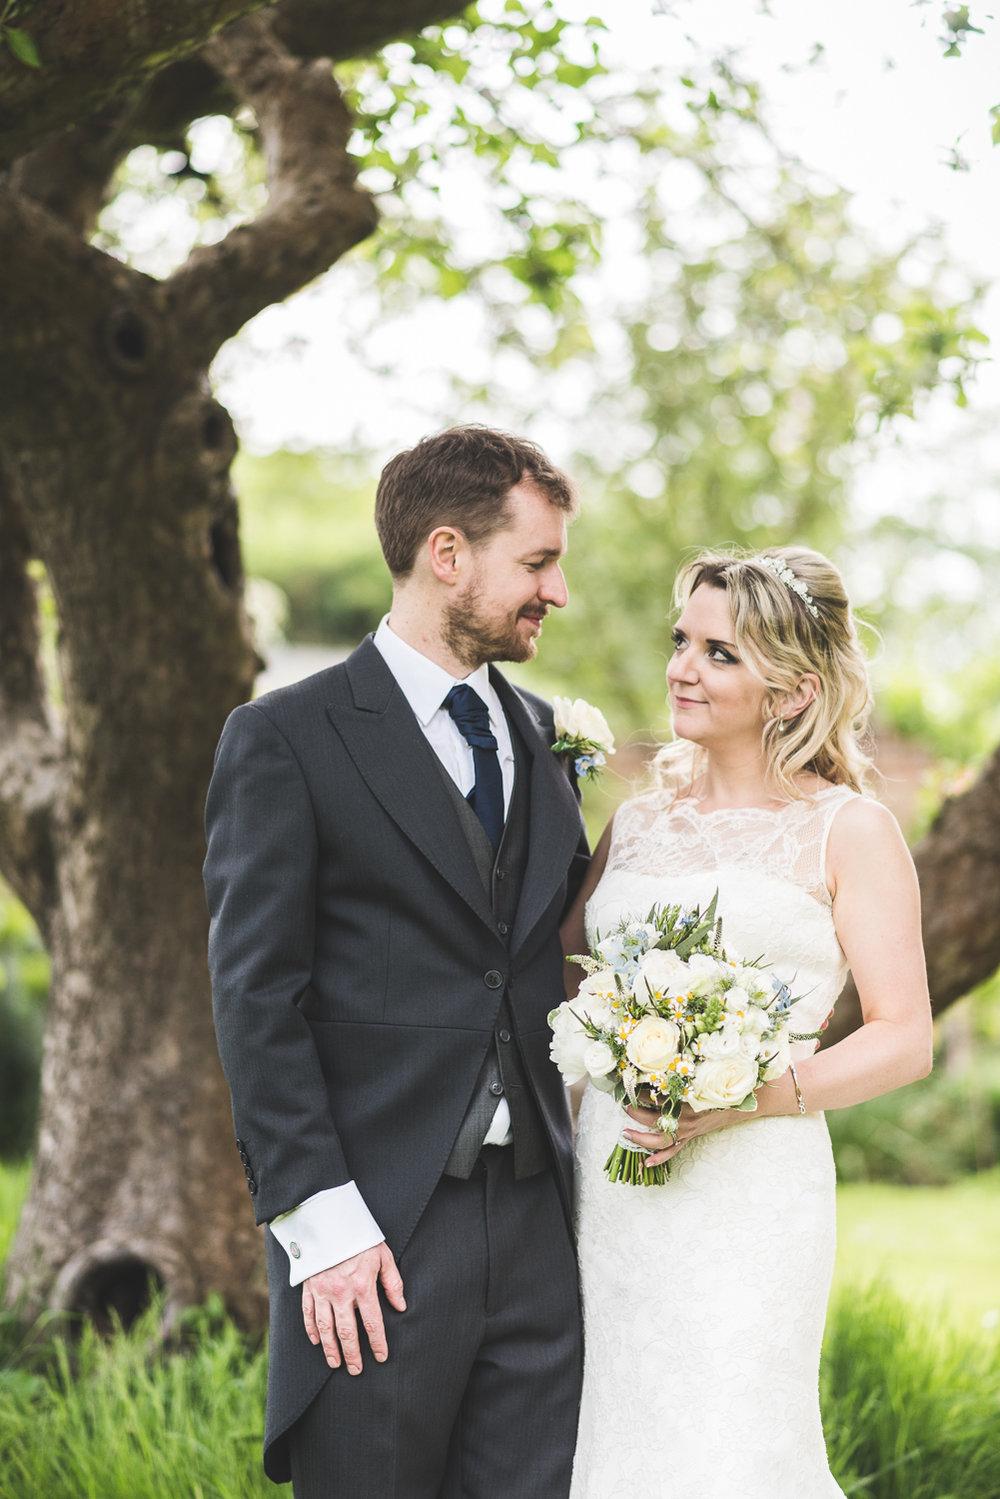 Marleybrook_House_Wedding_Canterbury_Karen_Ben_18.jpg